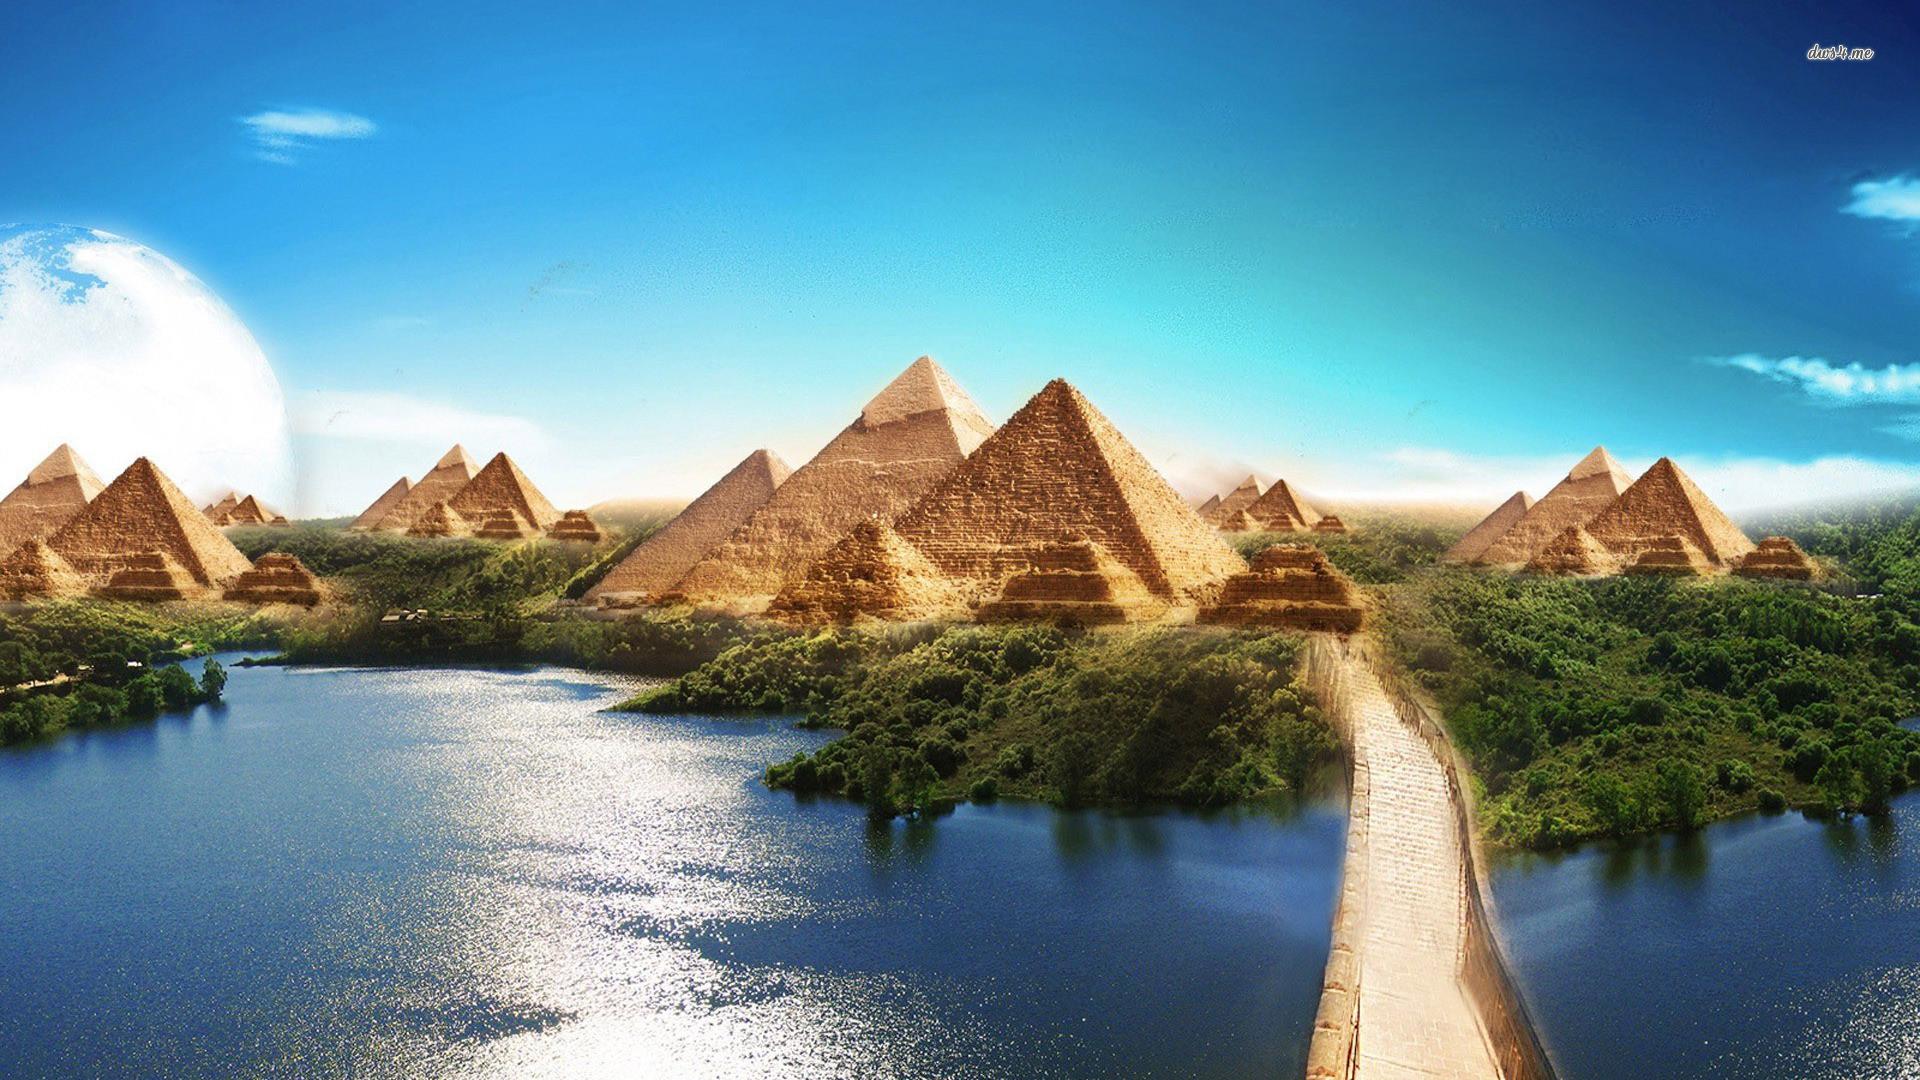 Giza Pyramids Wallpaper 49 Images